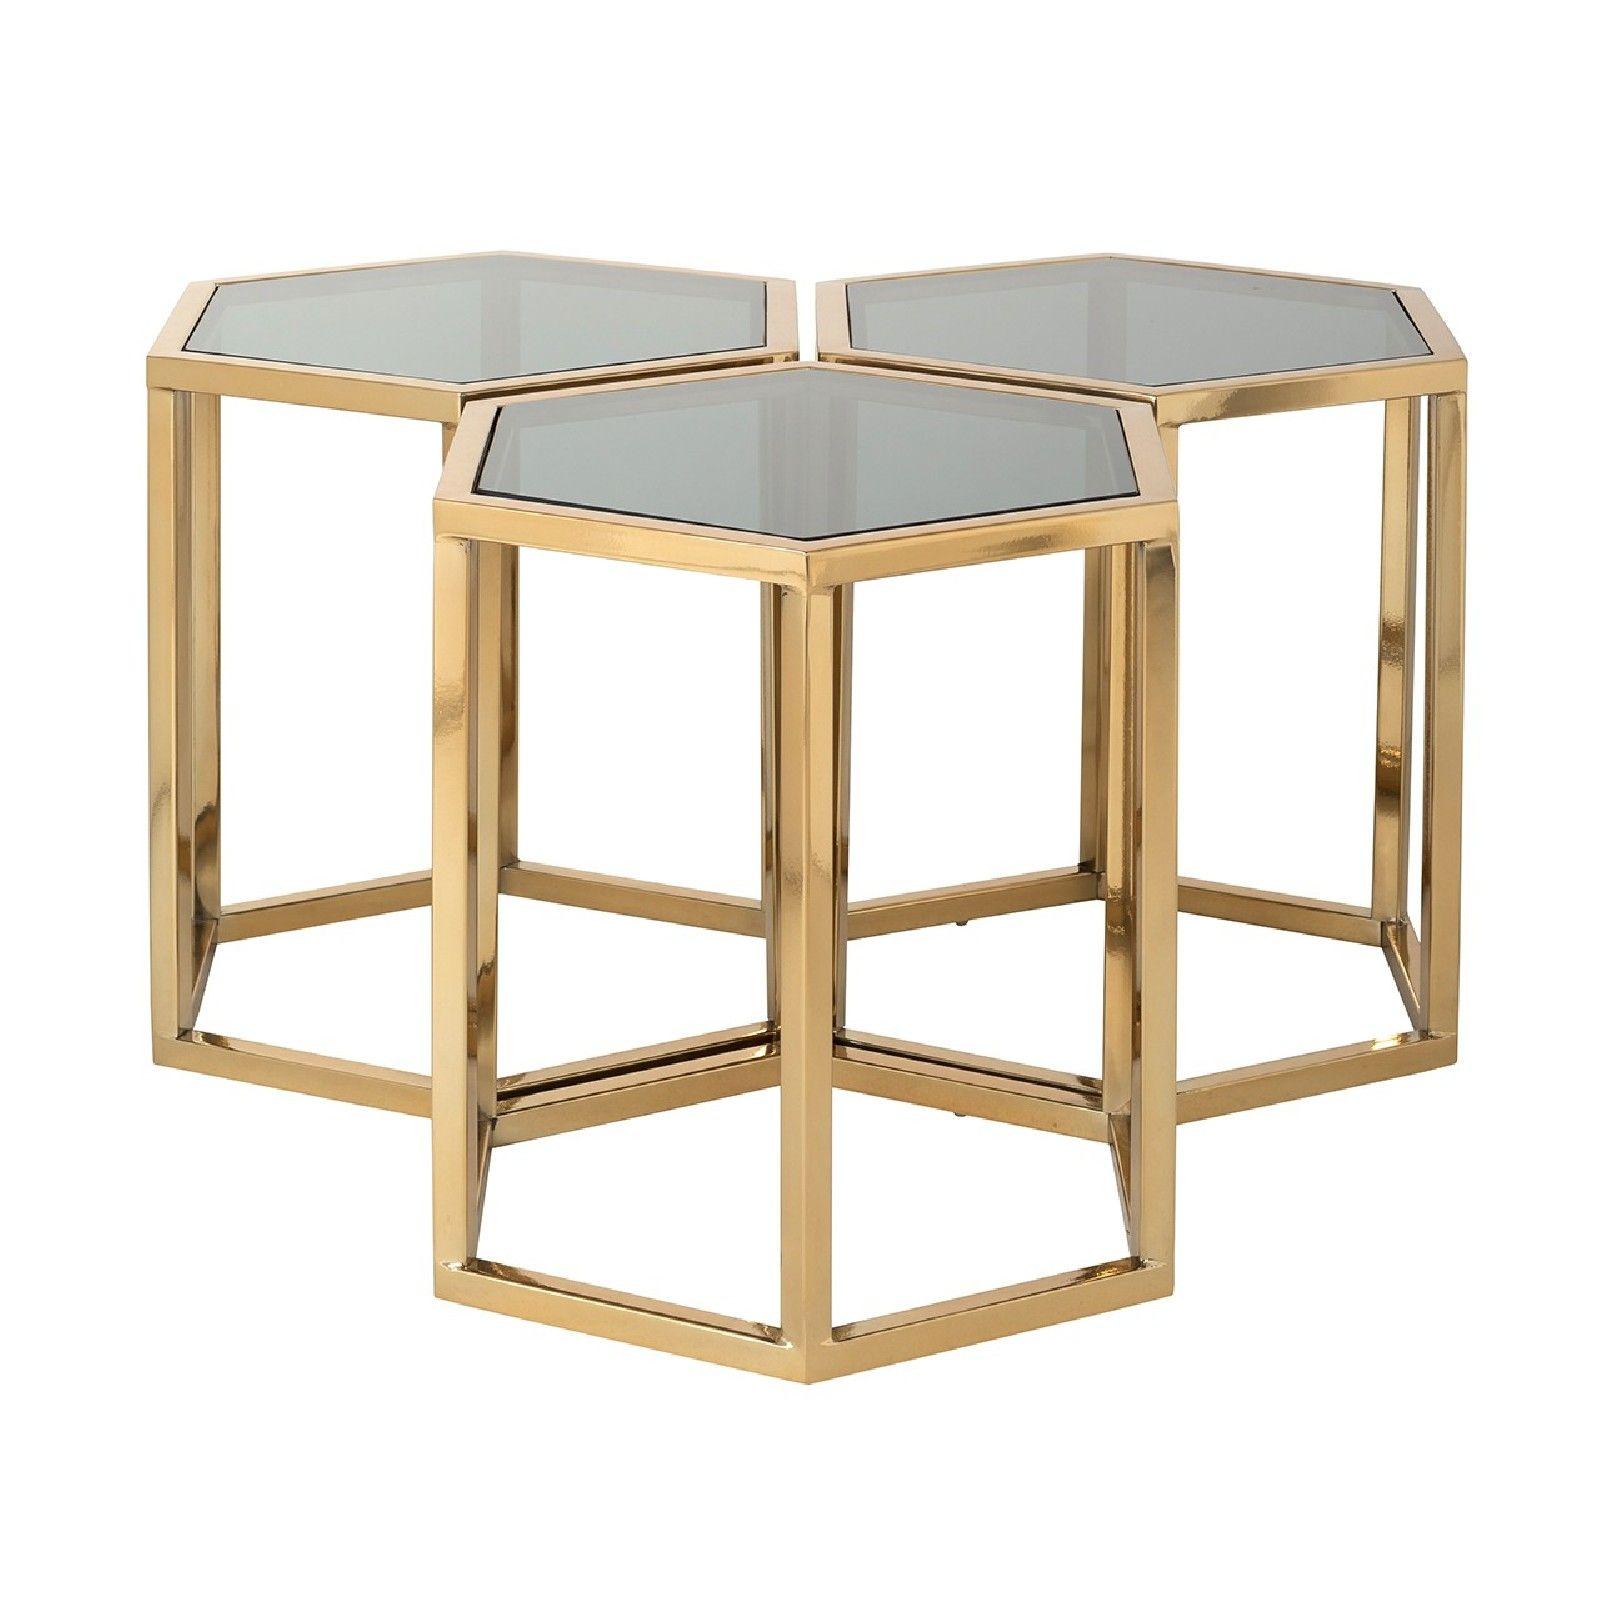 Table de salon Penta set de 3 hexagone dorée Tables basses rondes - 73